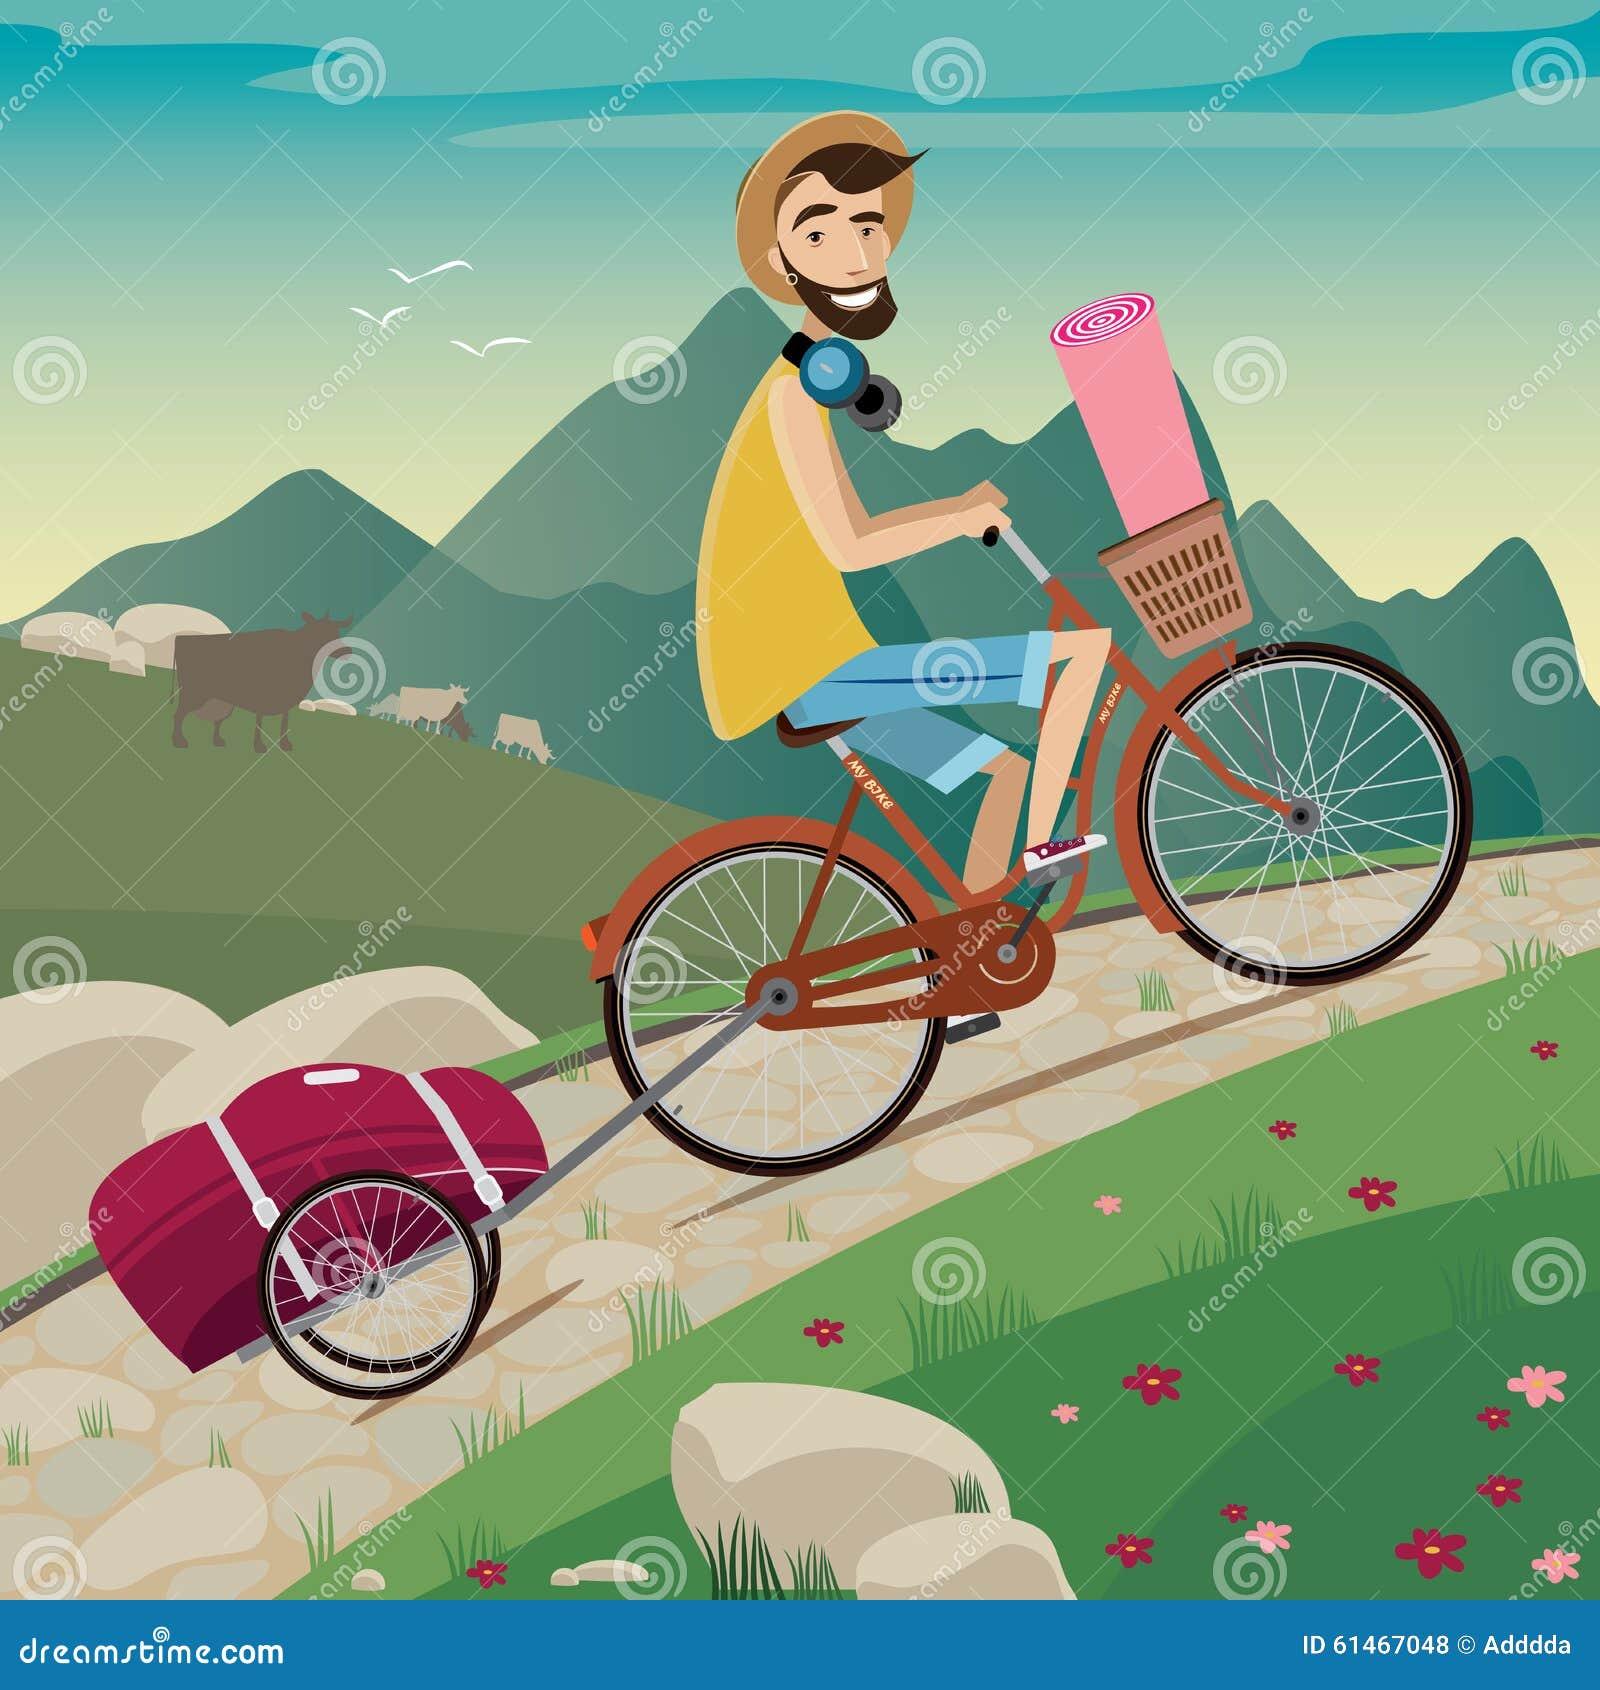 循环的游览的背包徒步旅行者在山